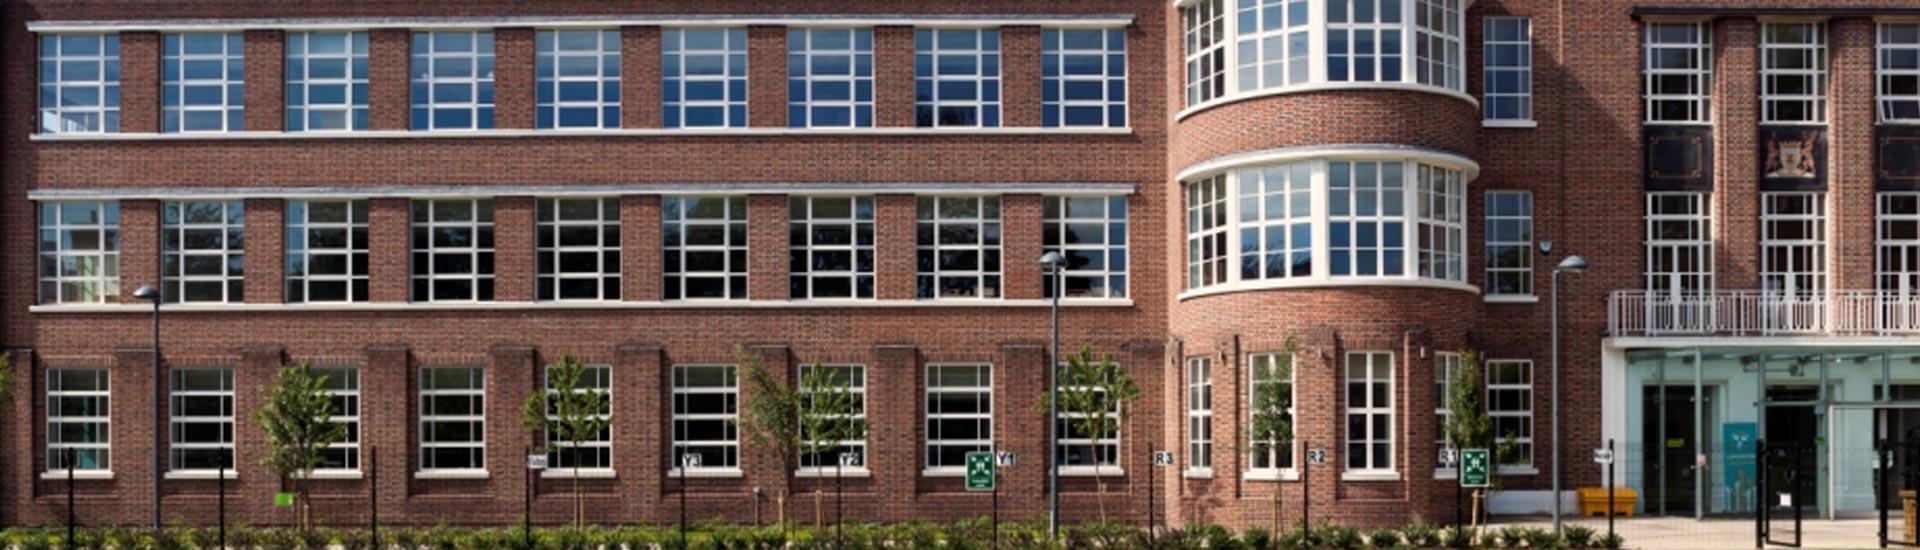 glazing-refurbishment